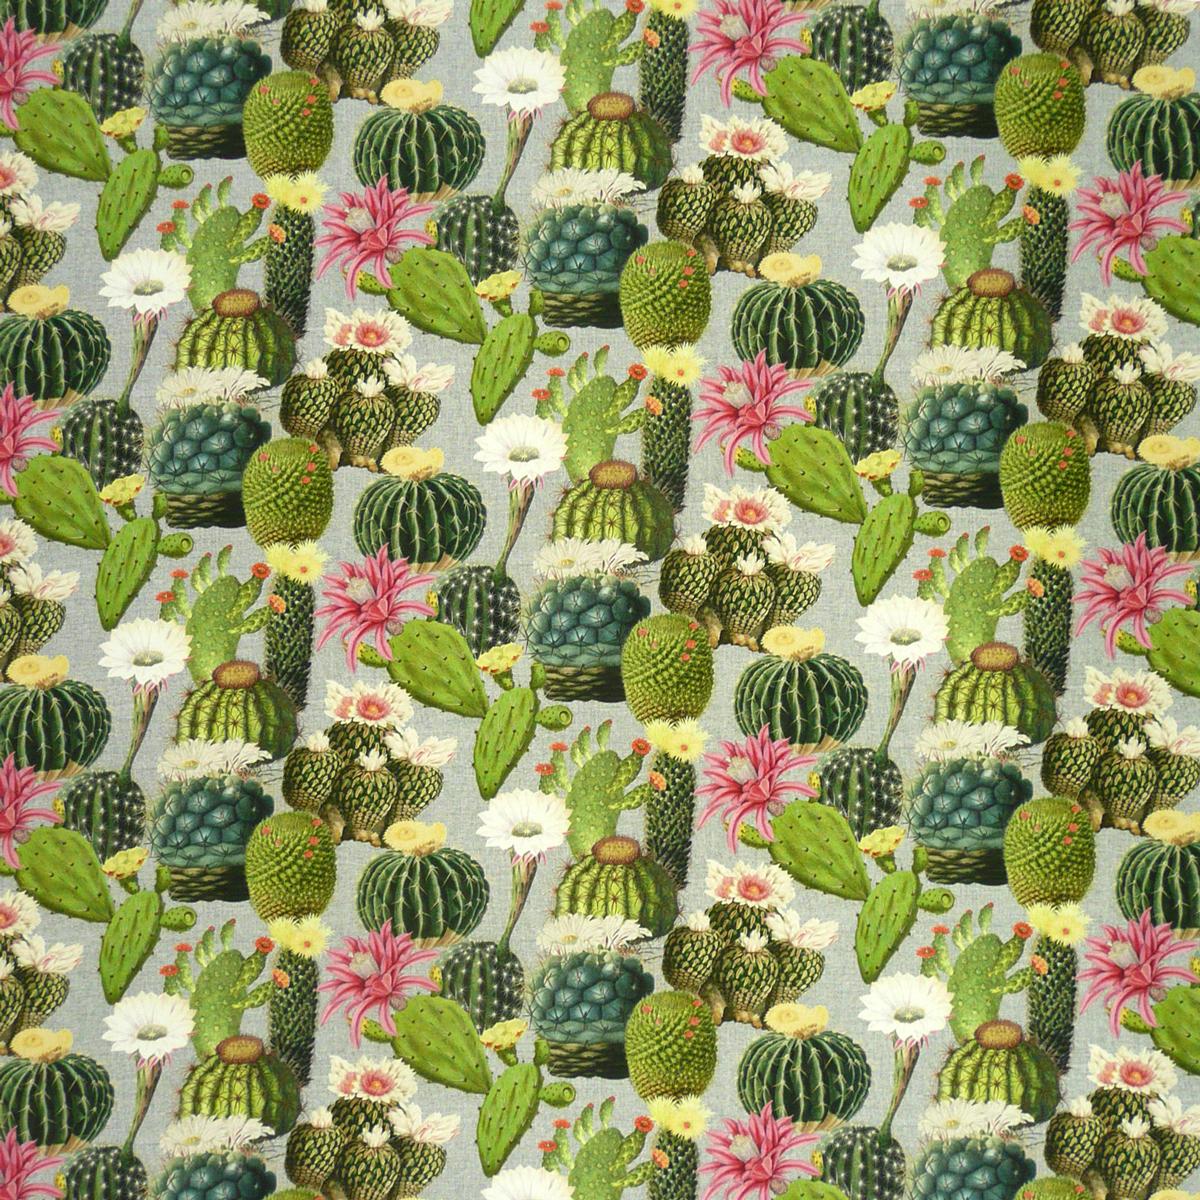 zugluftstopper kaktus kakteen grau gr n 80 bis 130cm lang inspirationen trendwelten tropical. Black Bedroom Furniture Sets. Home Design Ideas